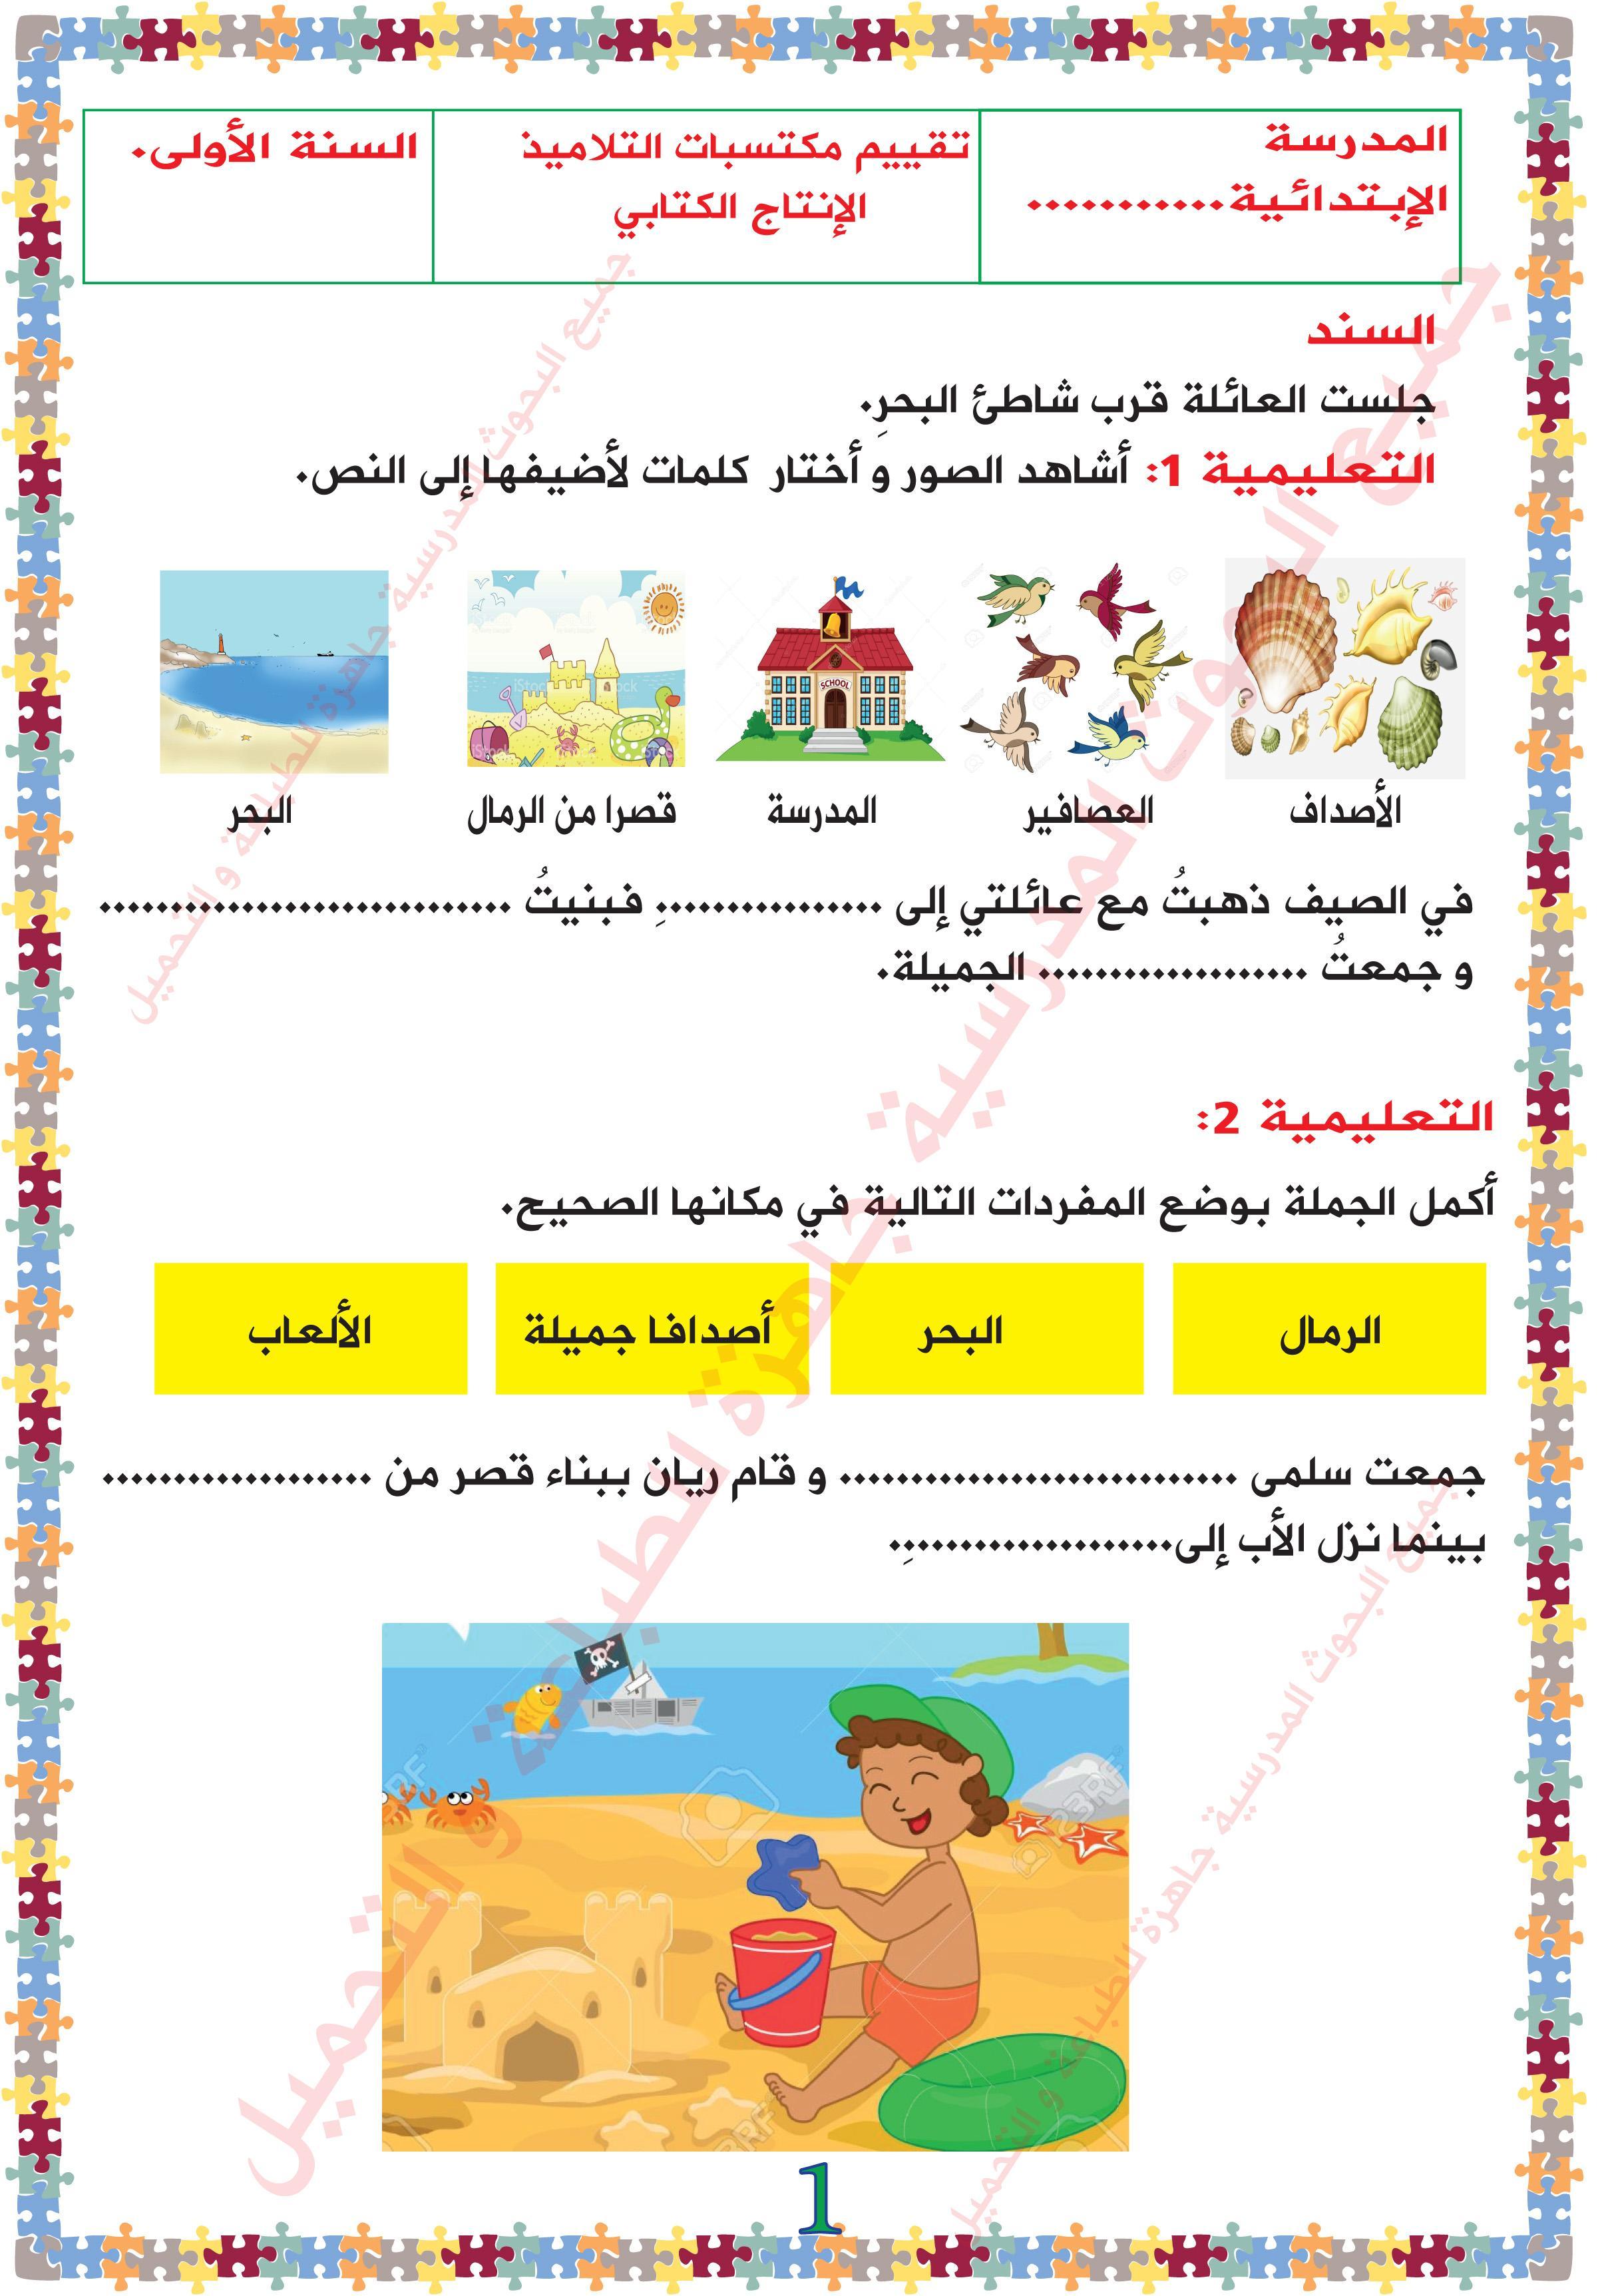 (4)تقييم مكتسبات التلاميذ في الإنتاج الكتابي